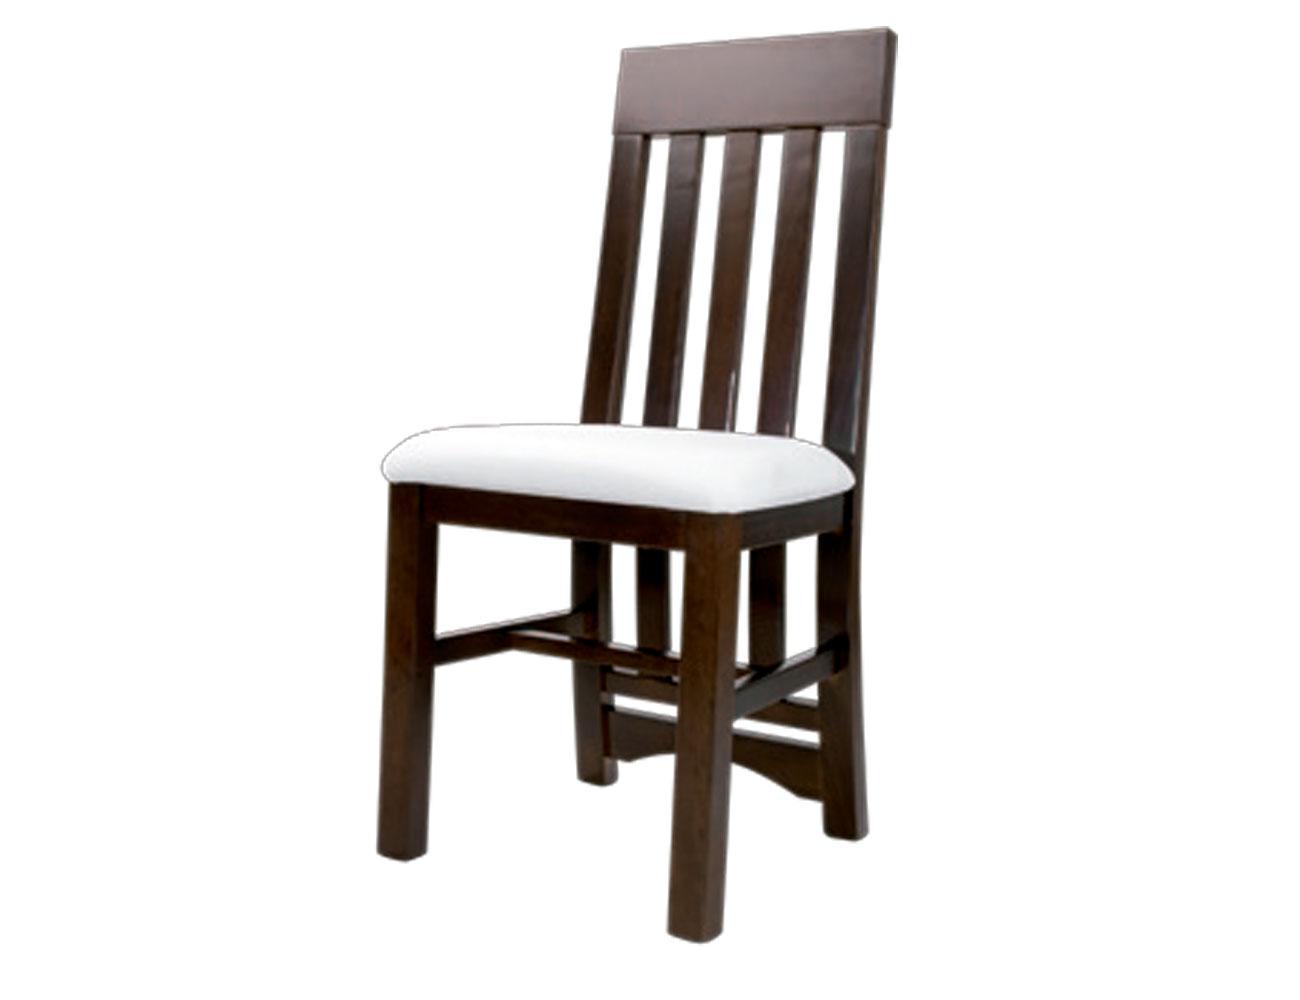 C0 56 silla madera1